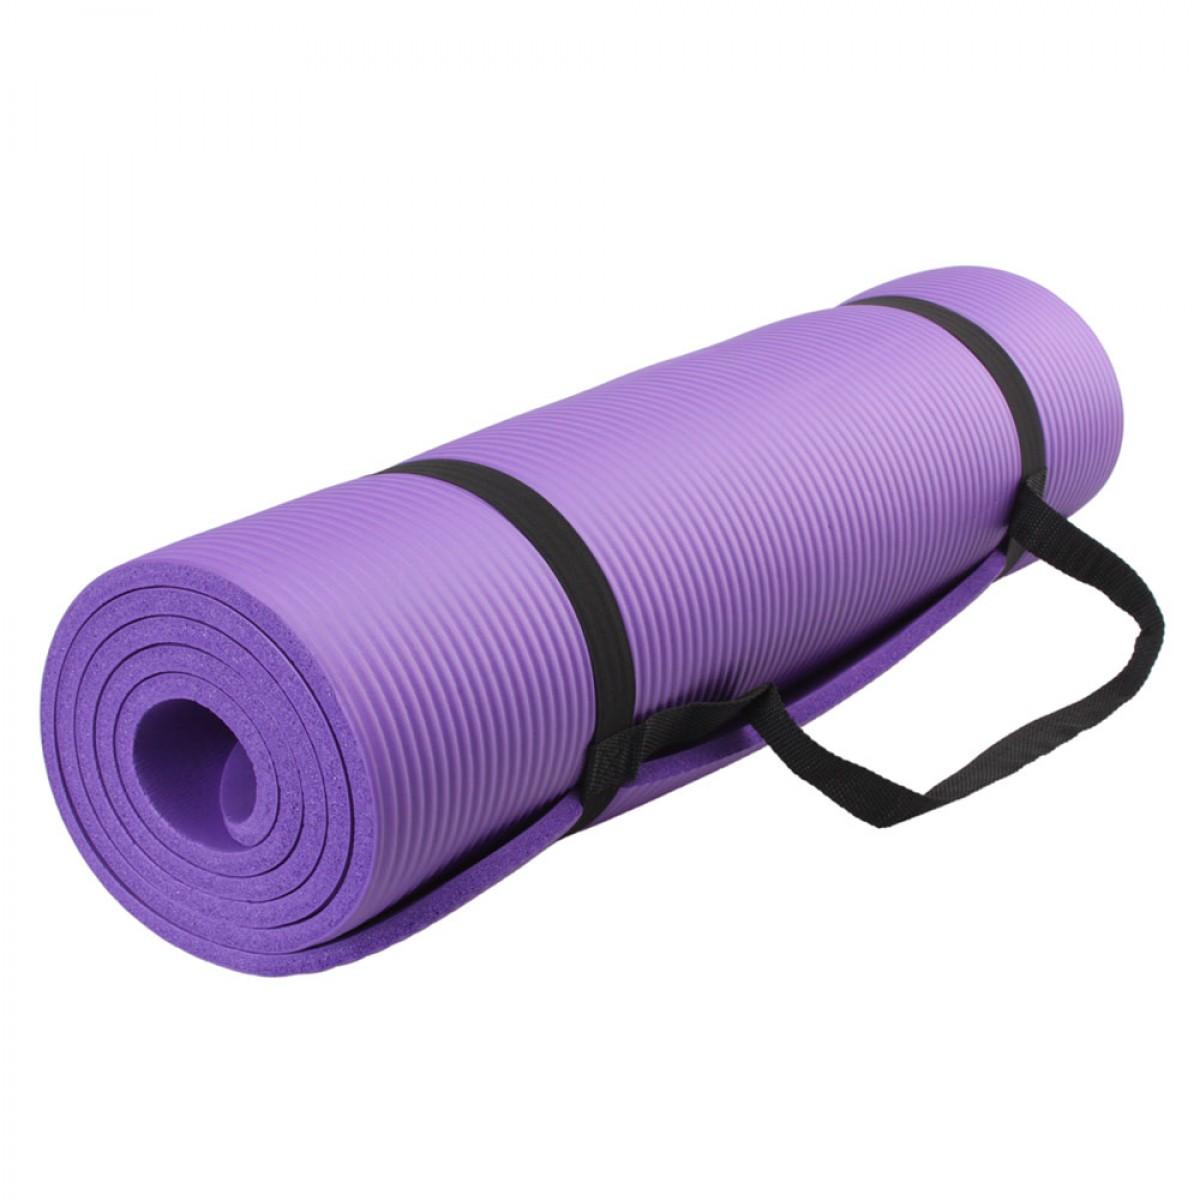 Коврик для йоги своими руками- как сделать? обзор +видео